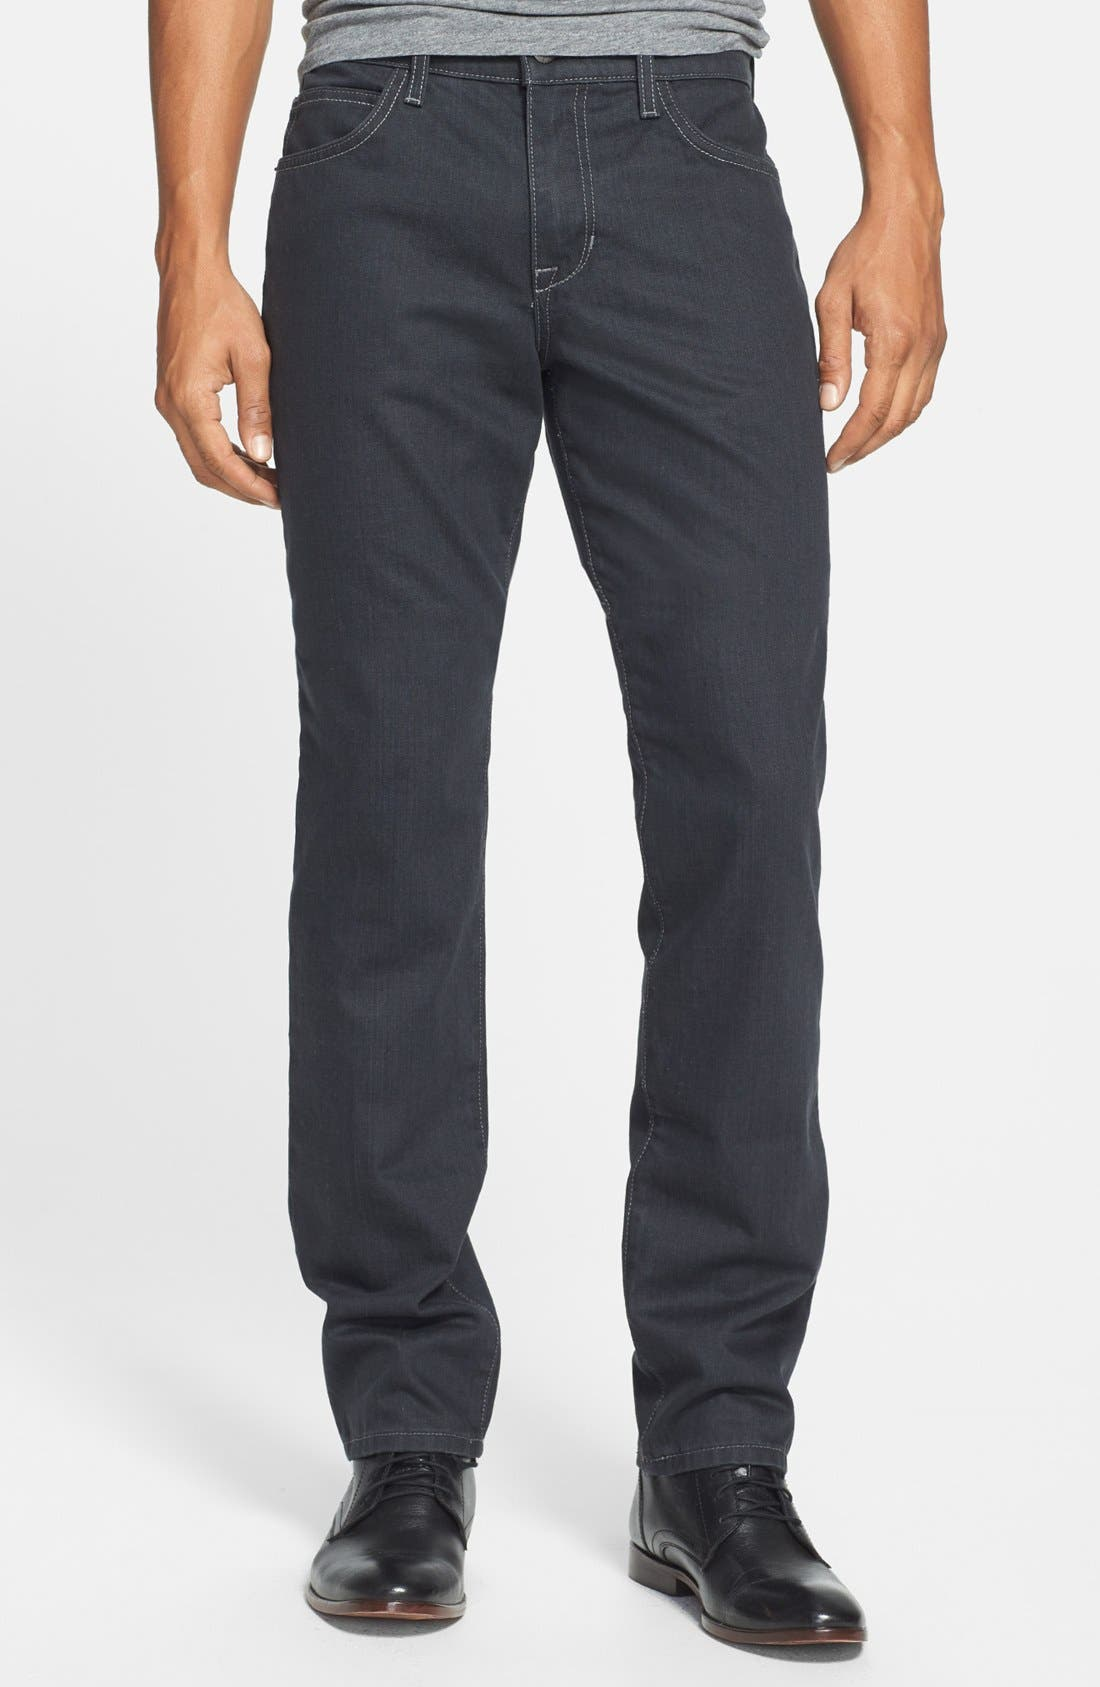 Alternate Image 1 Selected - Joe's 'Slim' Skinny Fit Jeans (Richie)